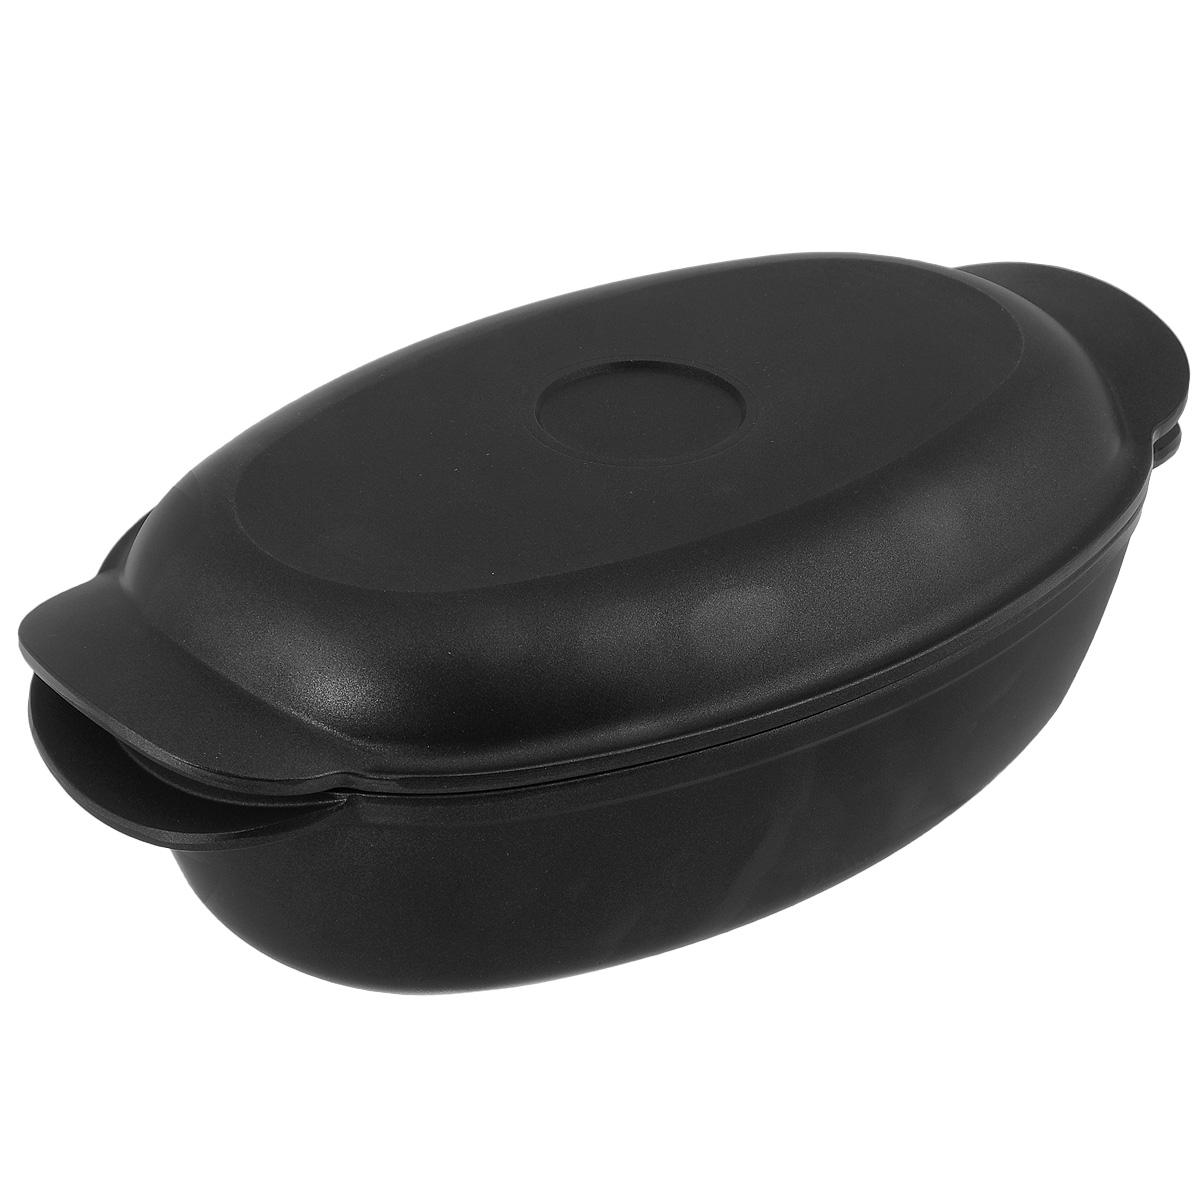 Утятница литая Нева посуда, с крышкой-сковородой, с антипригарным покрытием, цвет: черный, 3 л